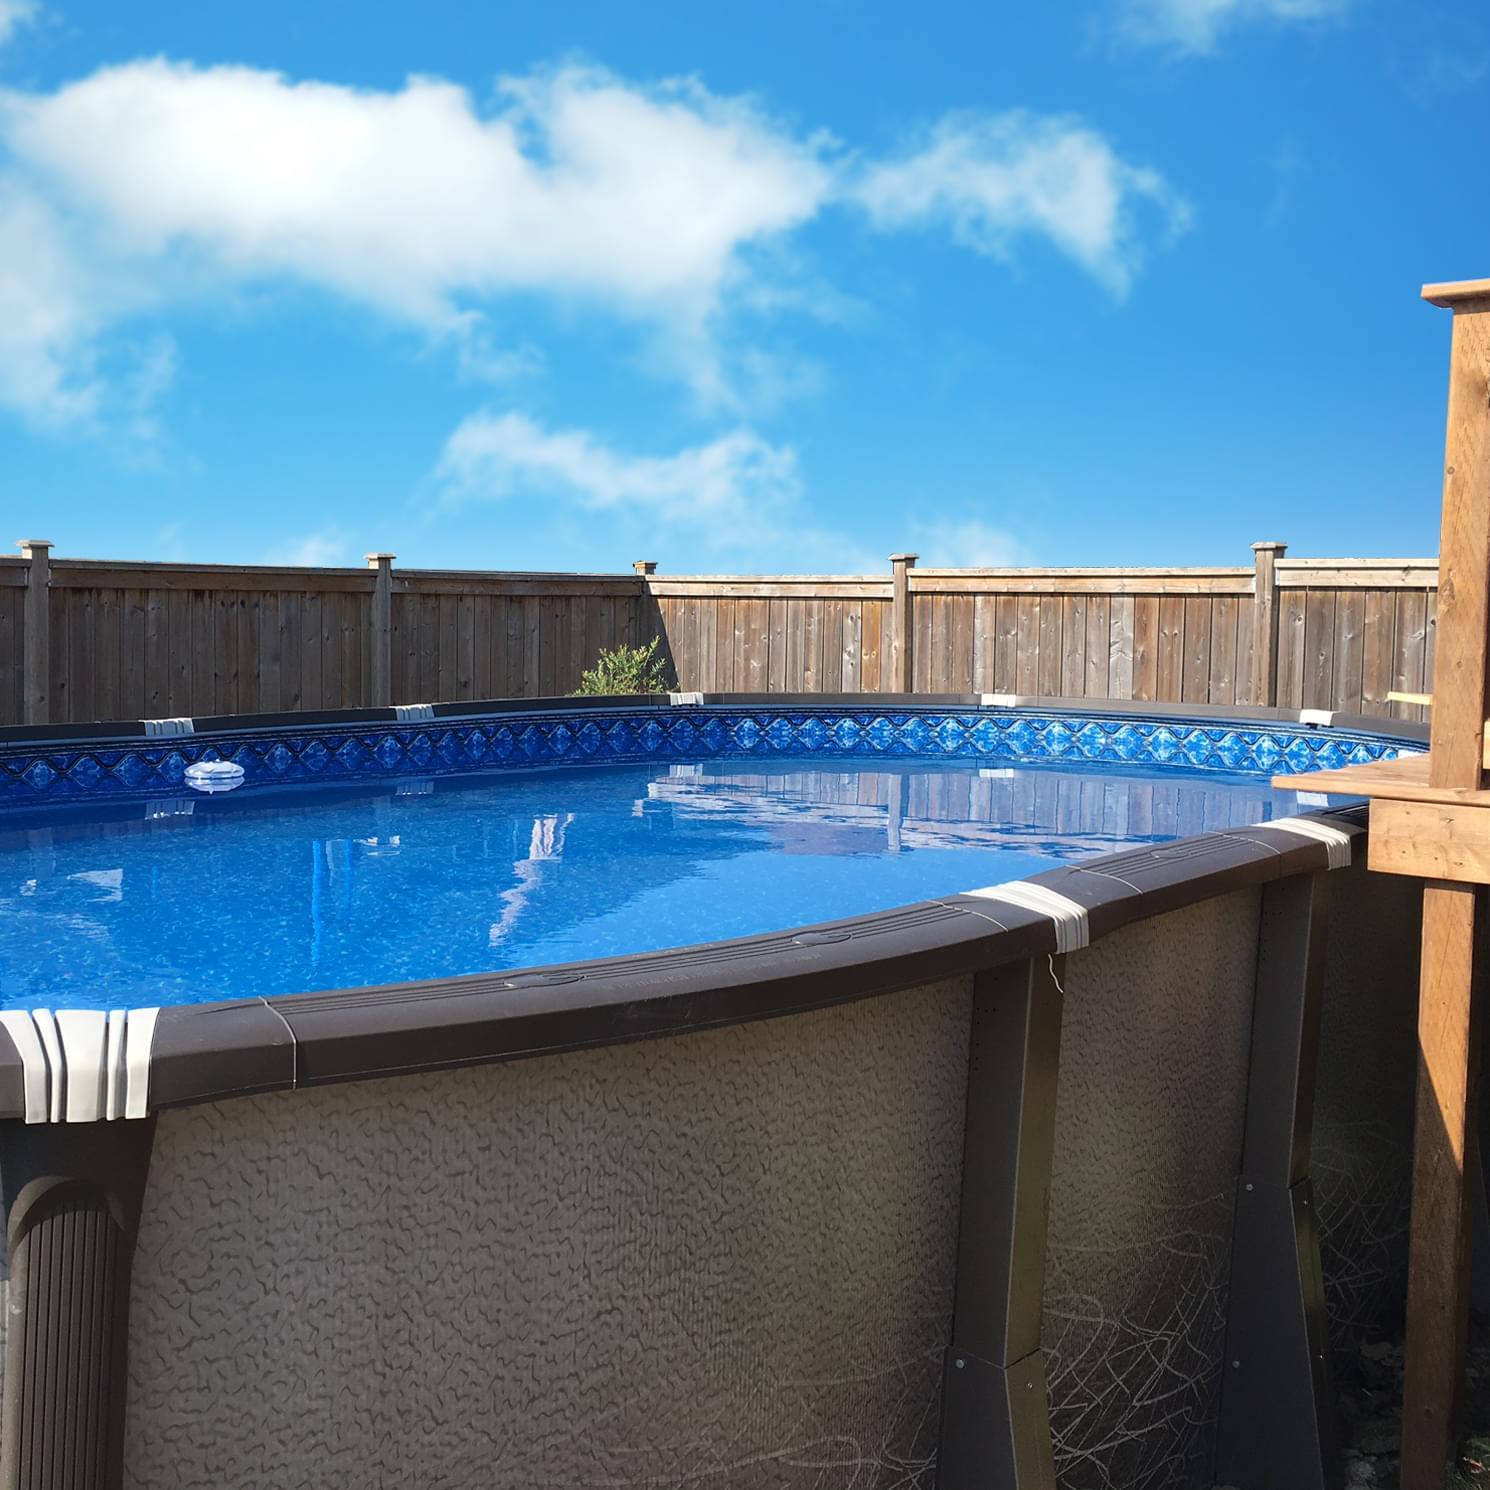 Piscine hors terre l ment de 12 x 24 pieds ovale forfait for Chauffe eau pour piscine hors terre